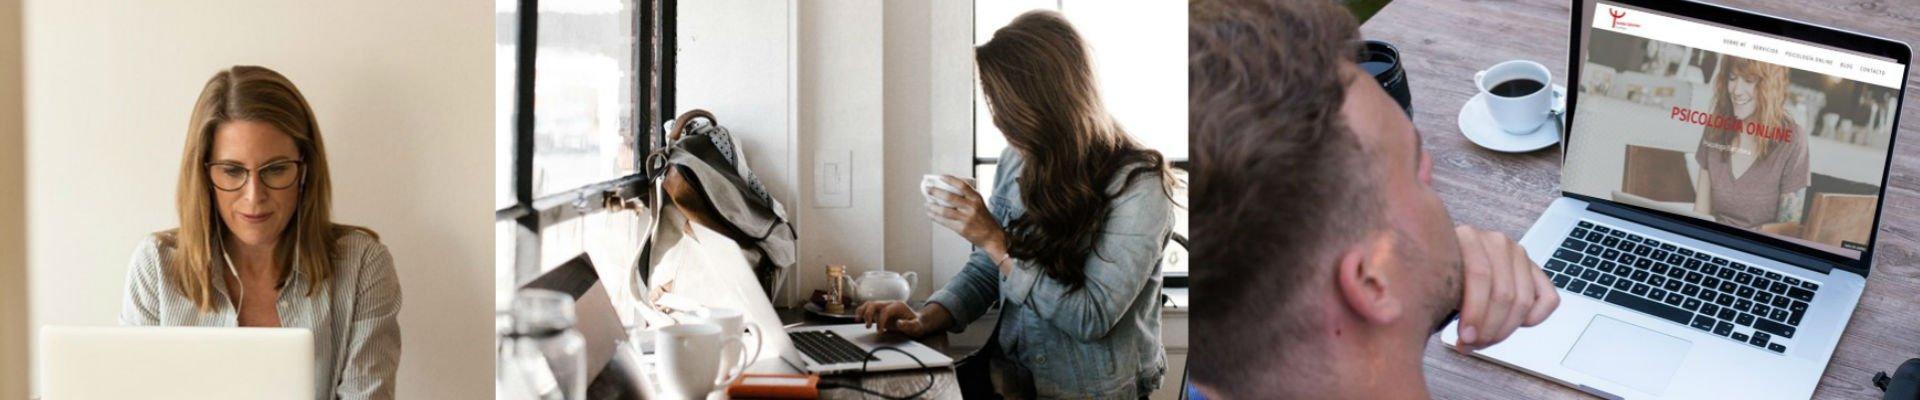 Psicologia online - usuarios